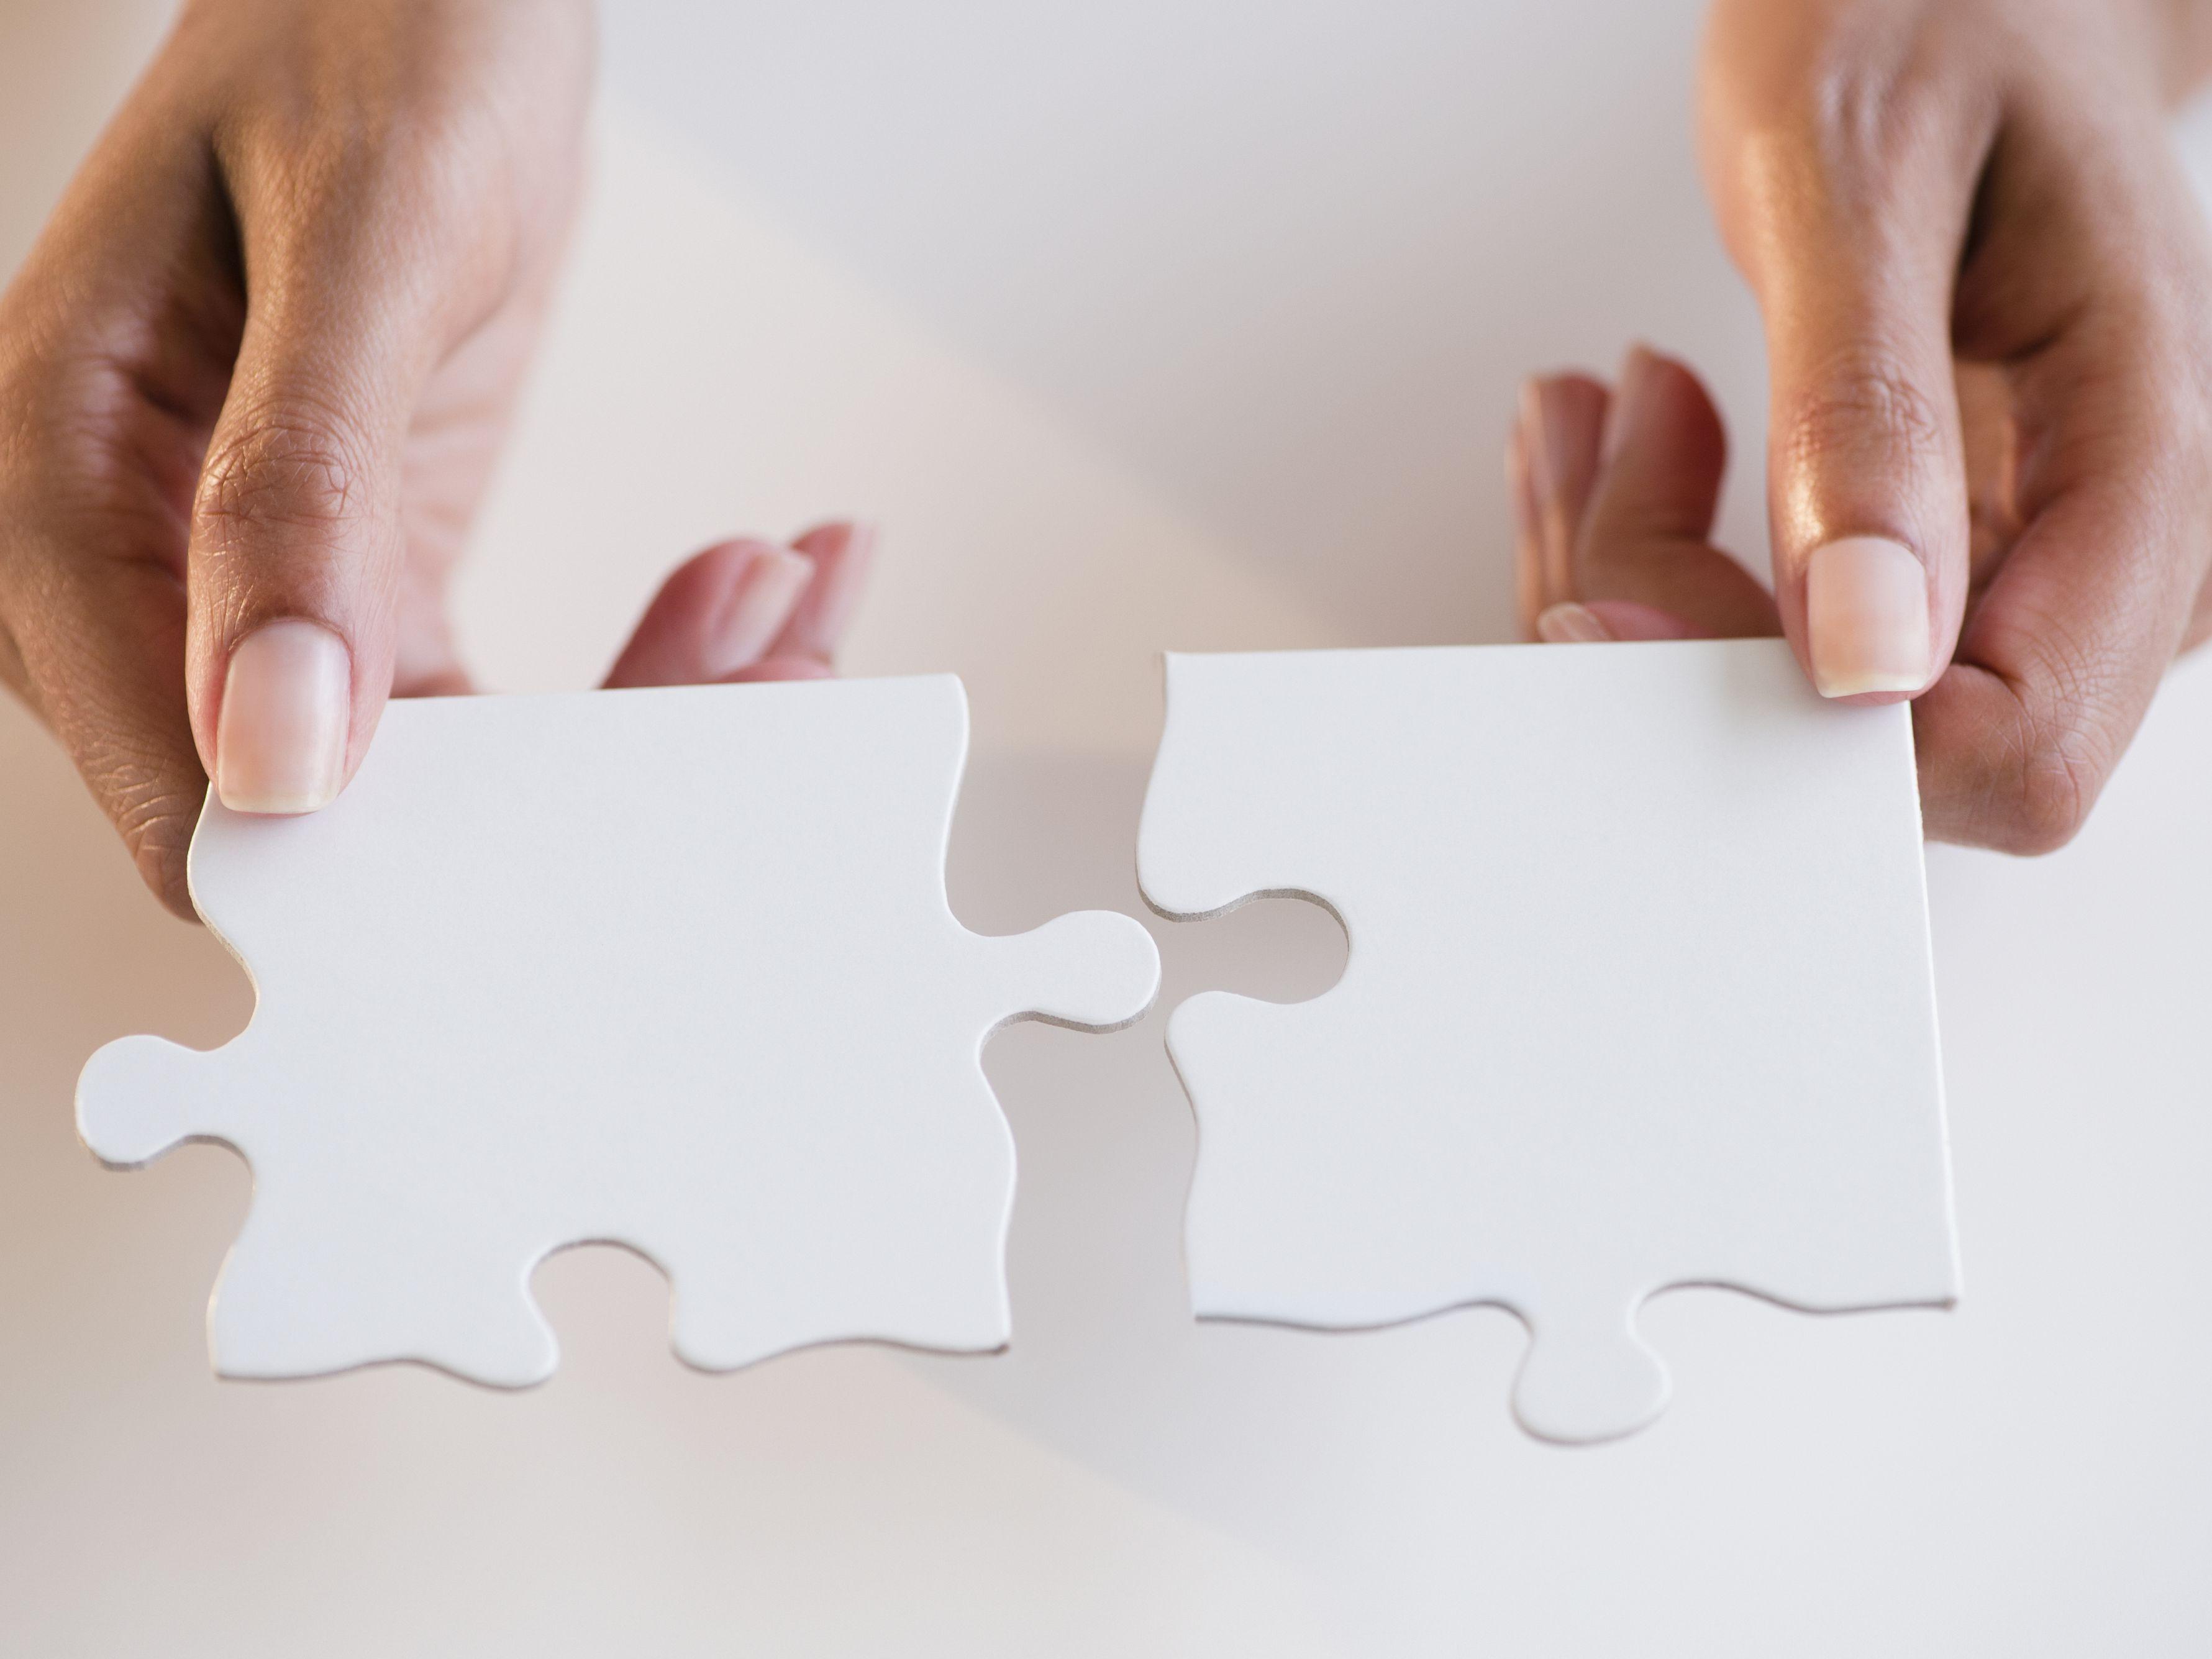 Problem Solving & Decision Making Workshop